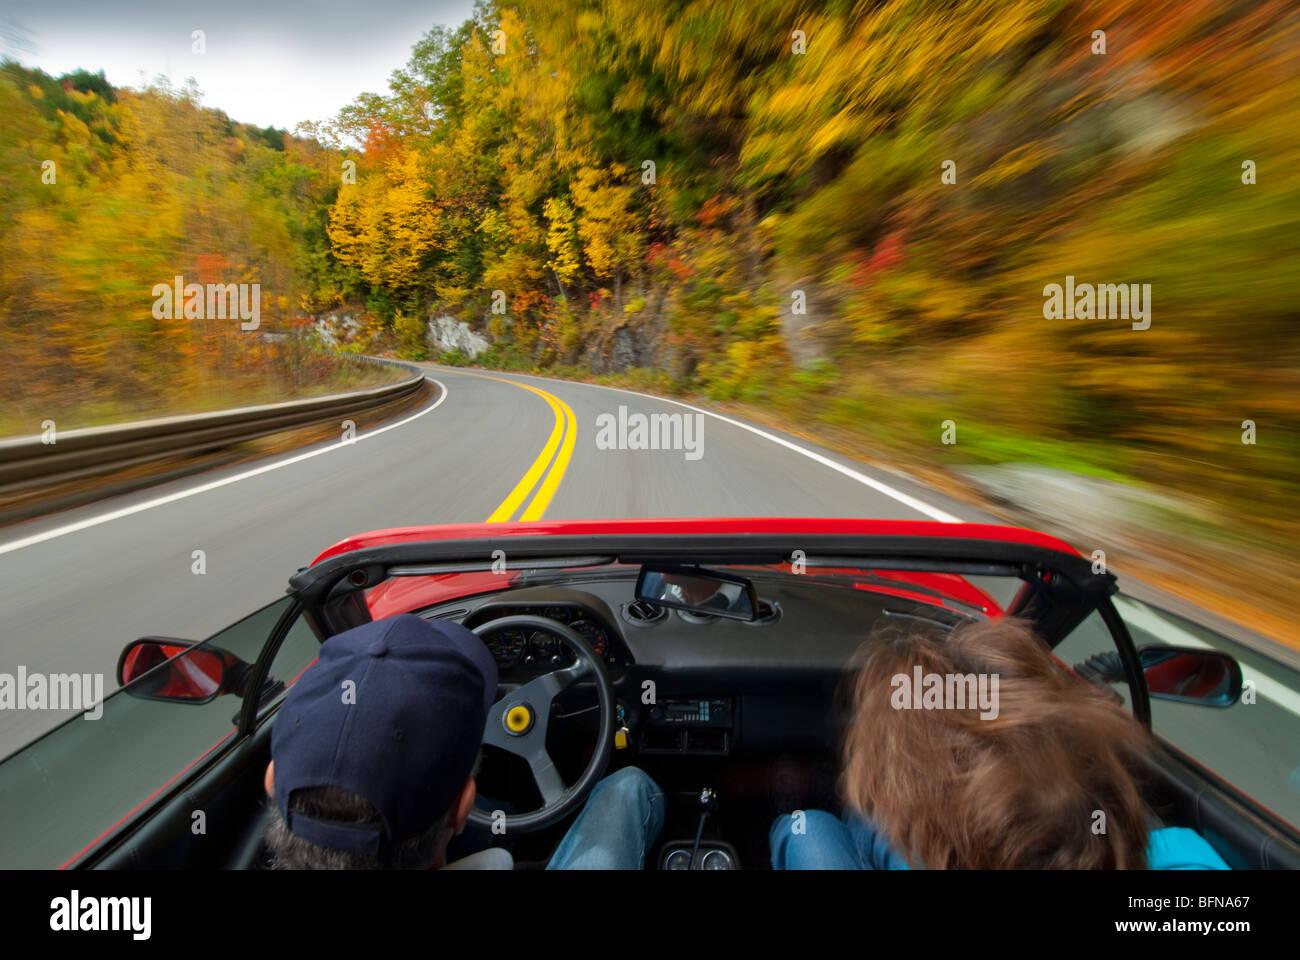 fahren einen italienischen Sportwagen mit Geschwindigkeit auf einer Landstraße Stockbild